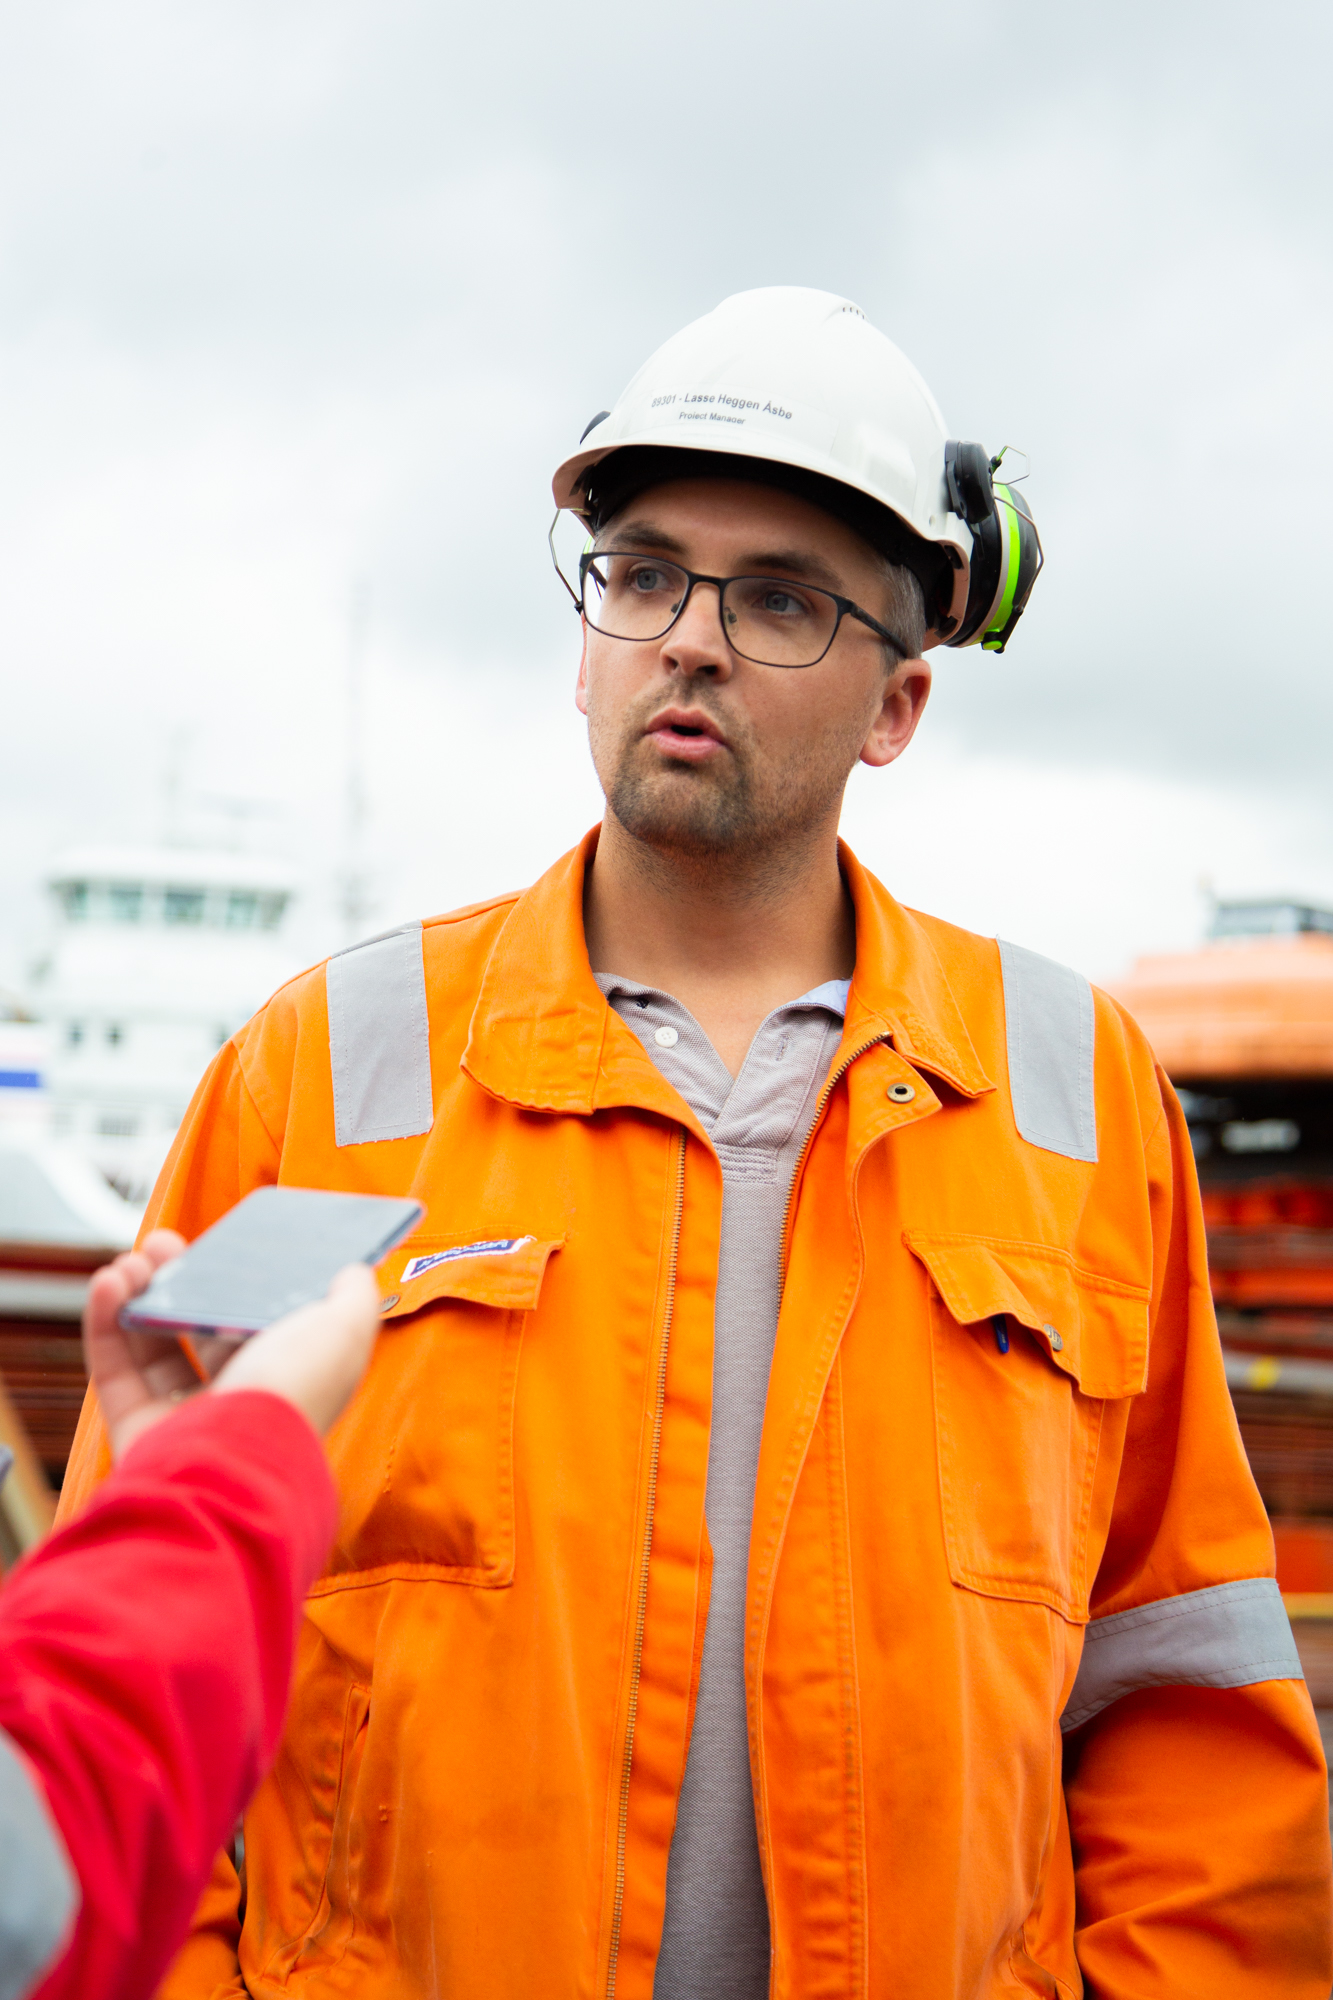 Lasse Heggen Åsbø er Prosjektleder i Skipsreparasjon hos Westcon Yards